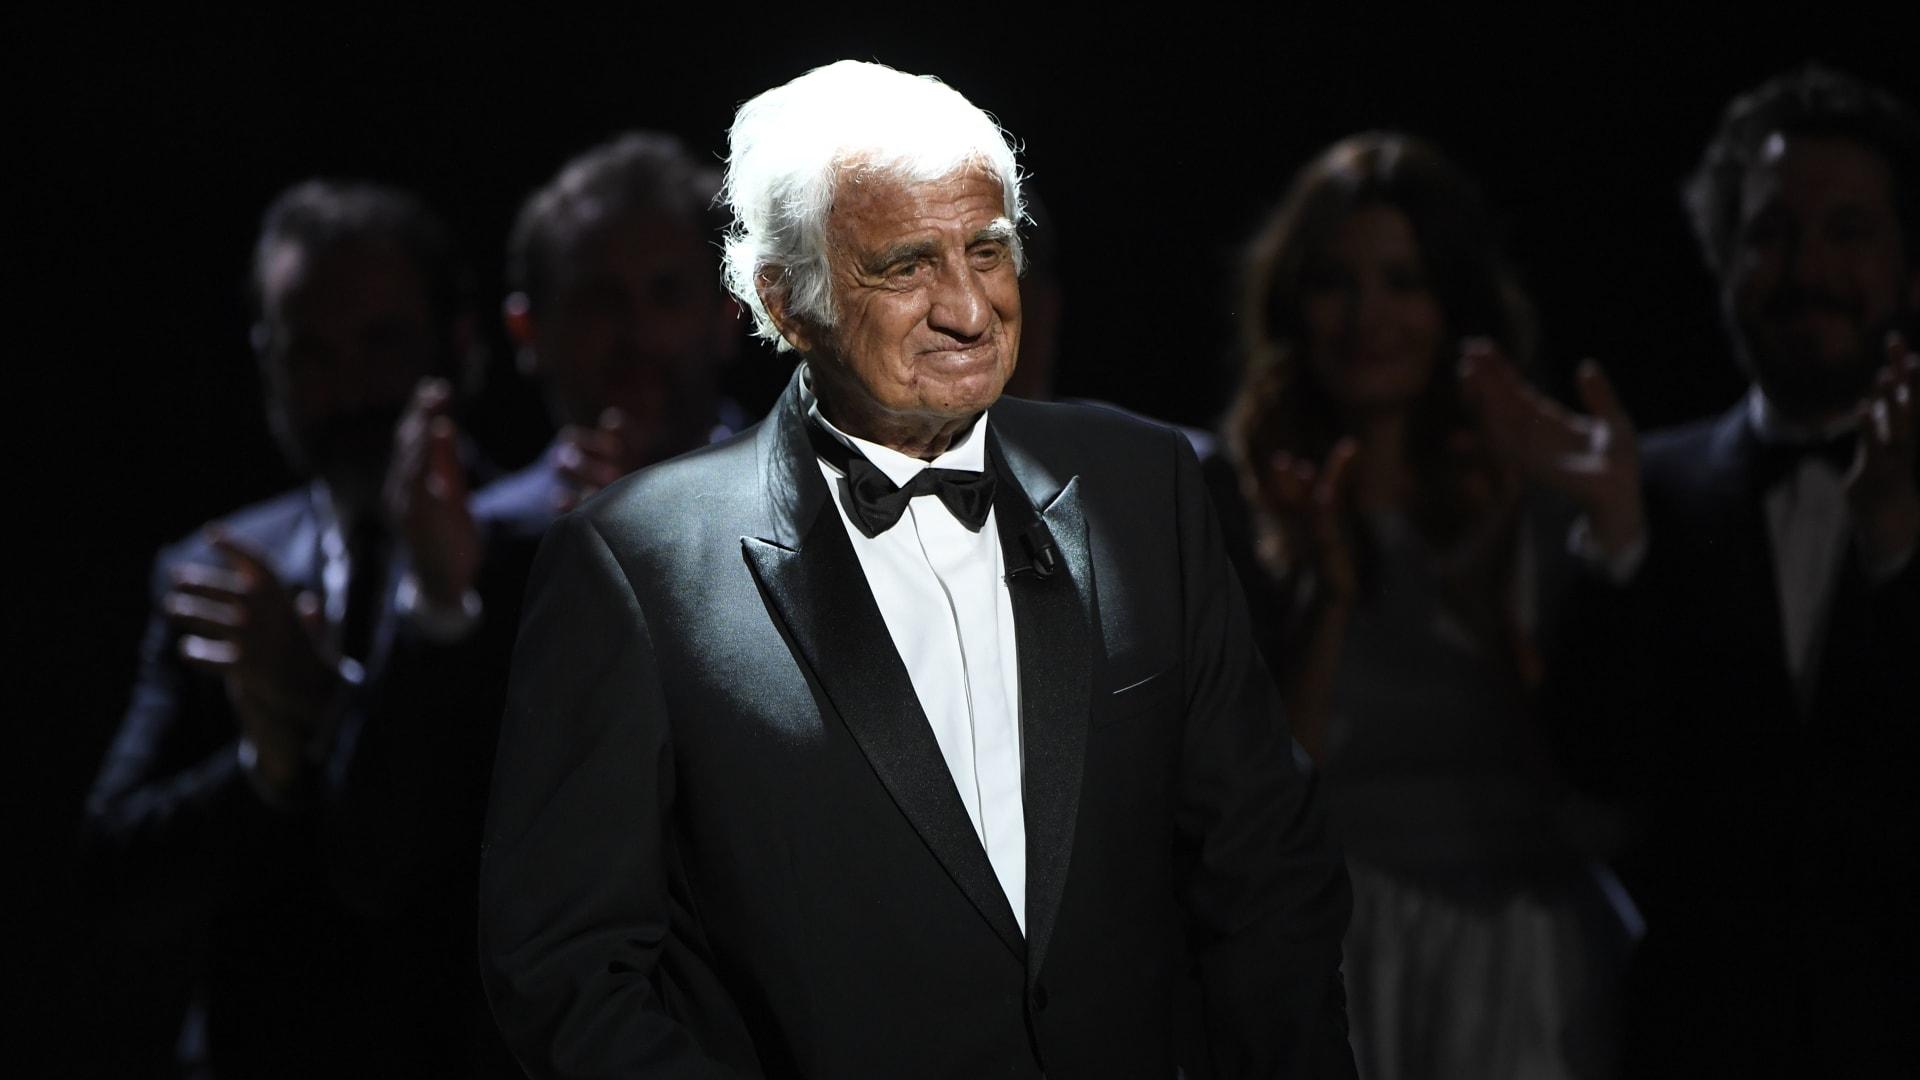 وفاة النجم الفرنسي جان بول بيلموندو.. وماكرون: فقدنا كنزًا وطنيًا